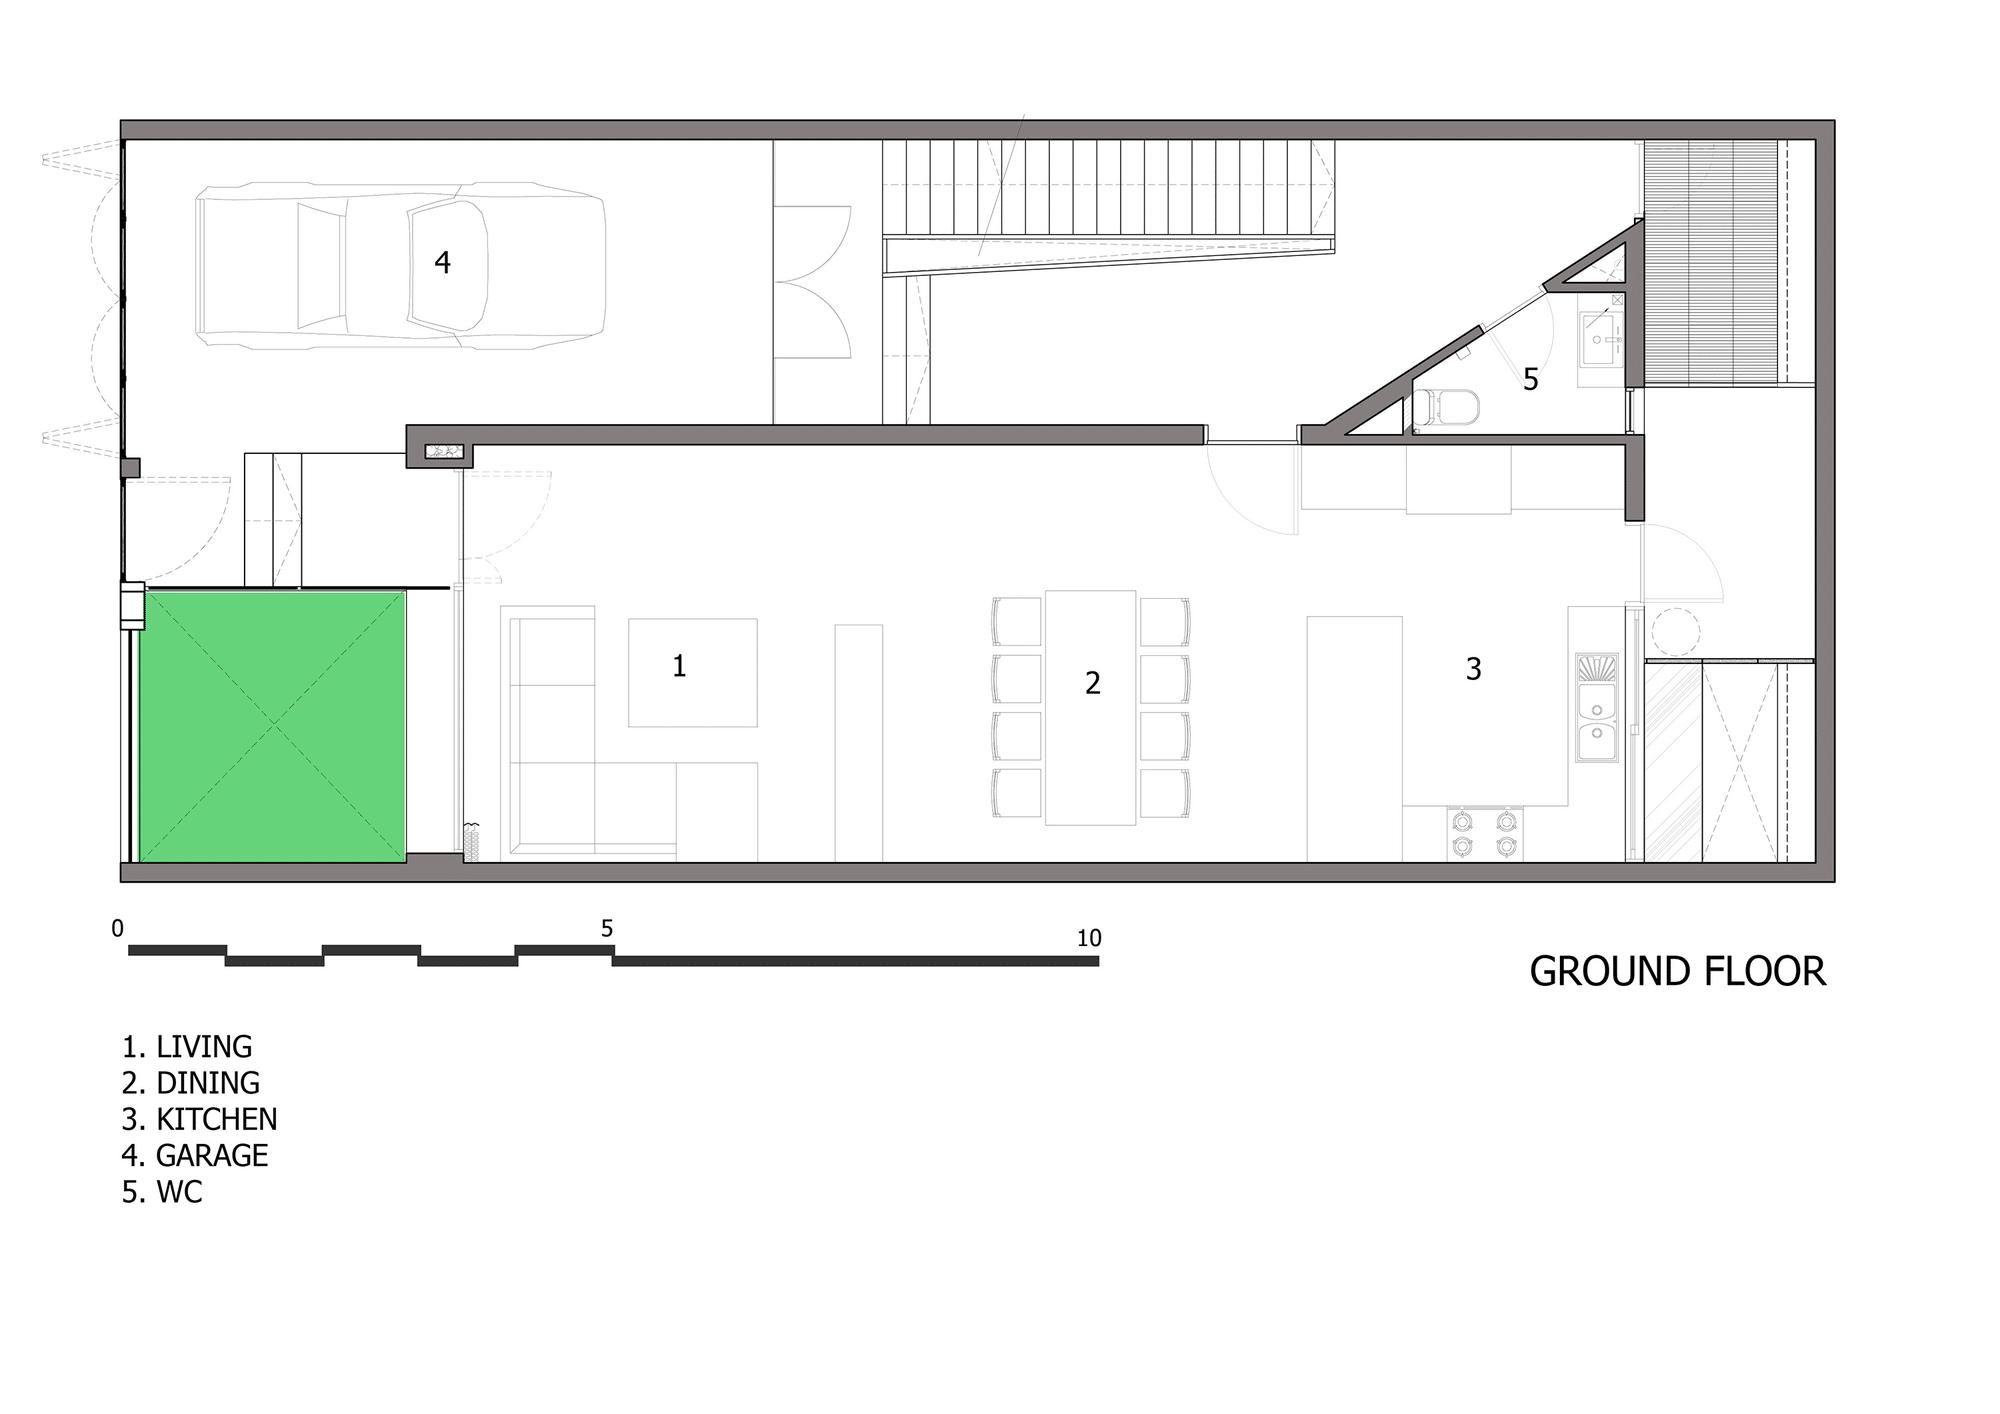 Dise o de casa moderna de tres pisos planos y fachada for Creador de planos sencillos para viviendas y locales